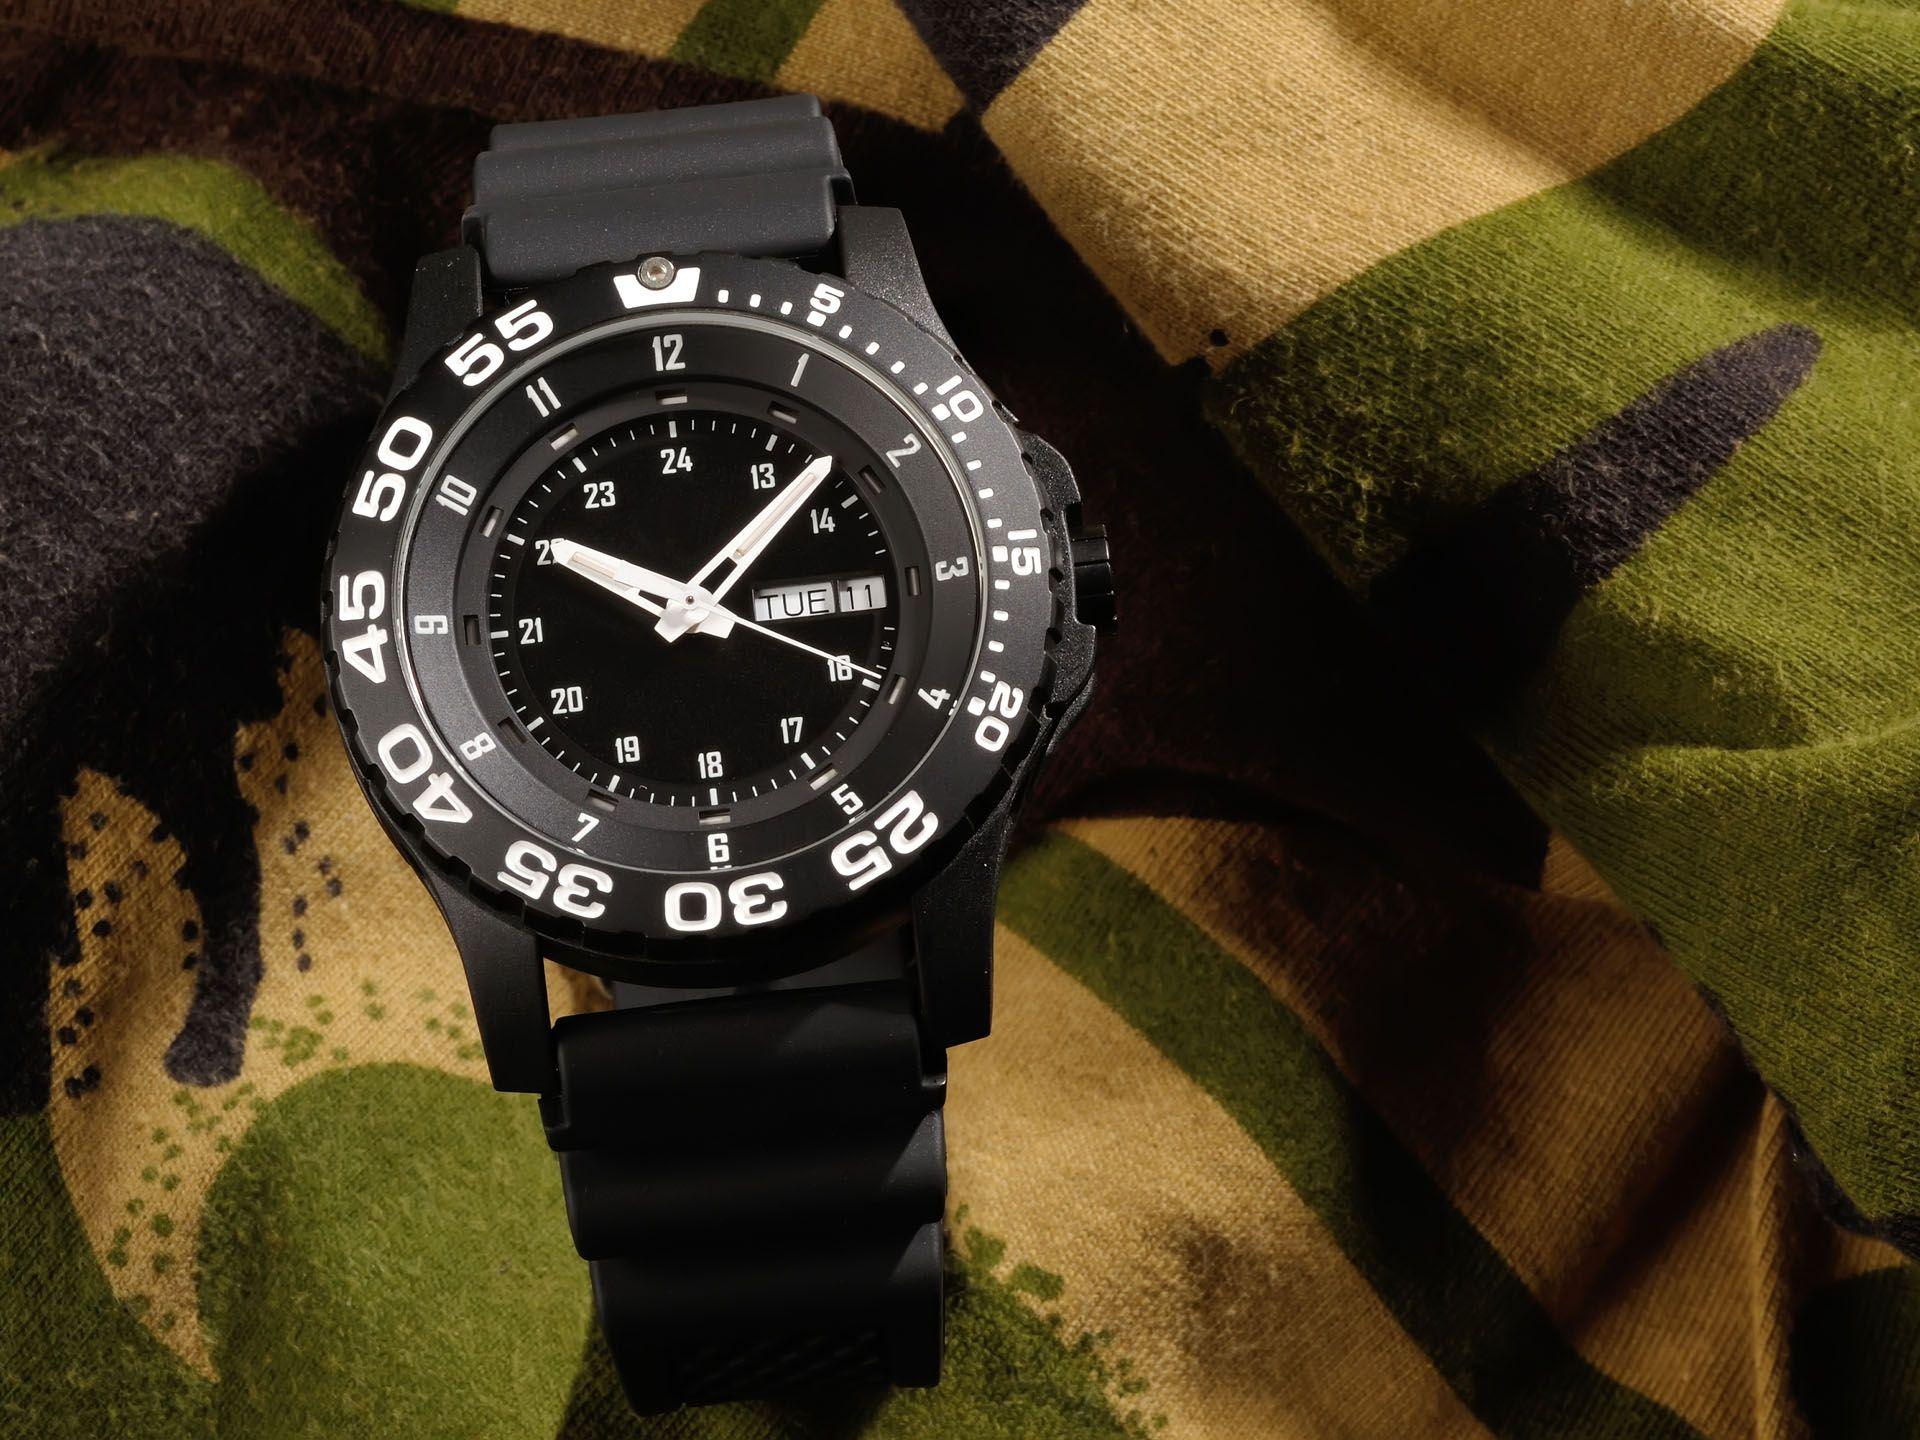 保護孩童安全的智慧型手錶,爆重大隱憂